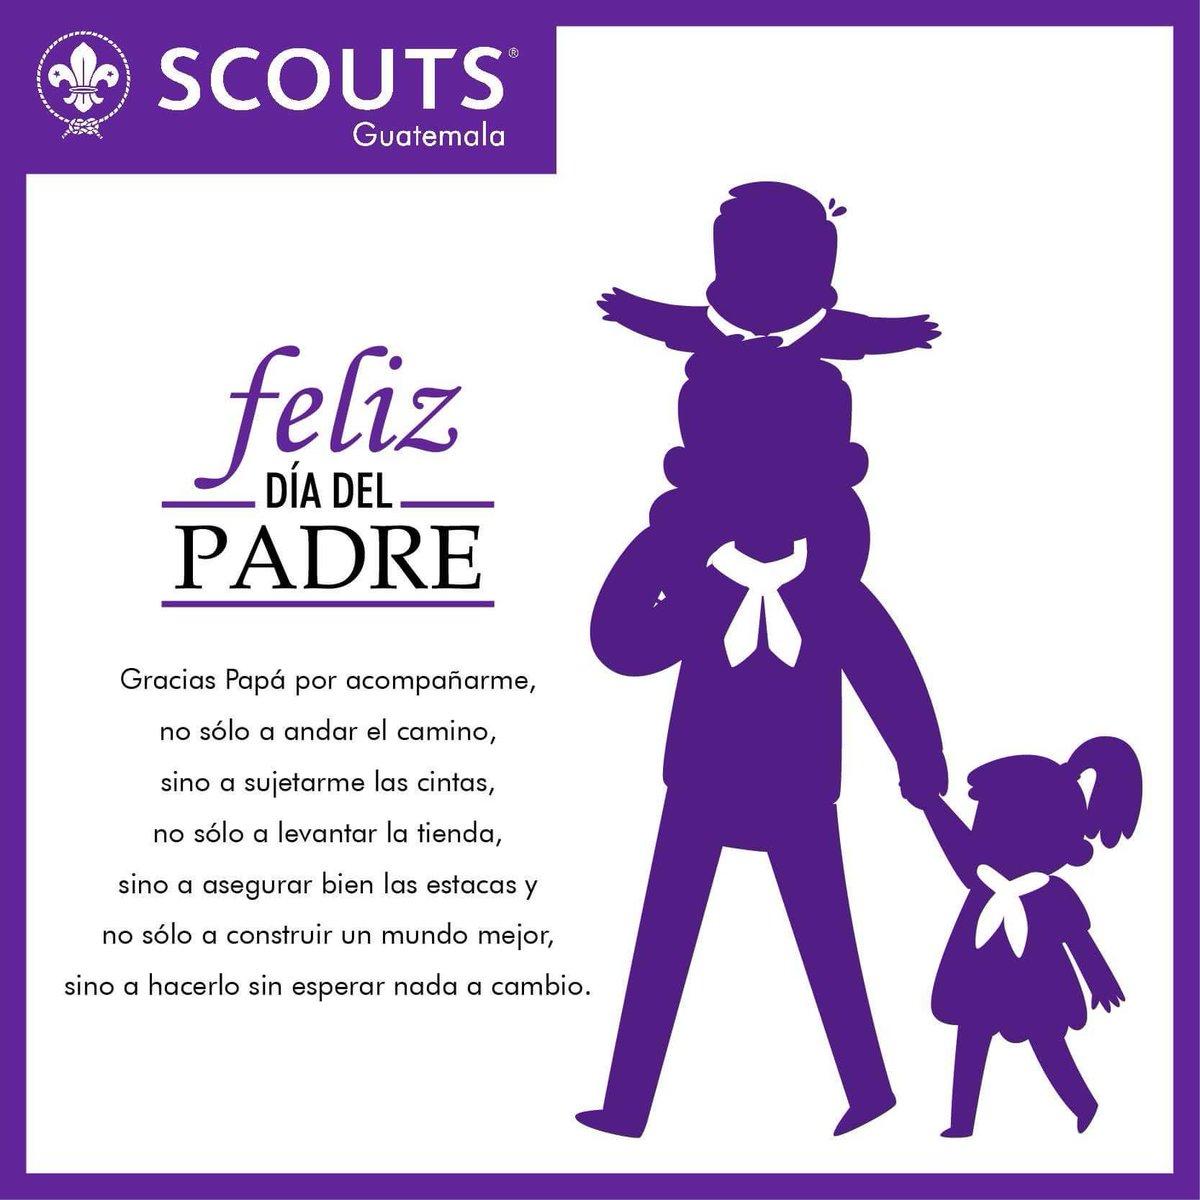 Scouts Guatemala On Twitter Felíz Día Del Padre A Todos Los